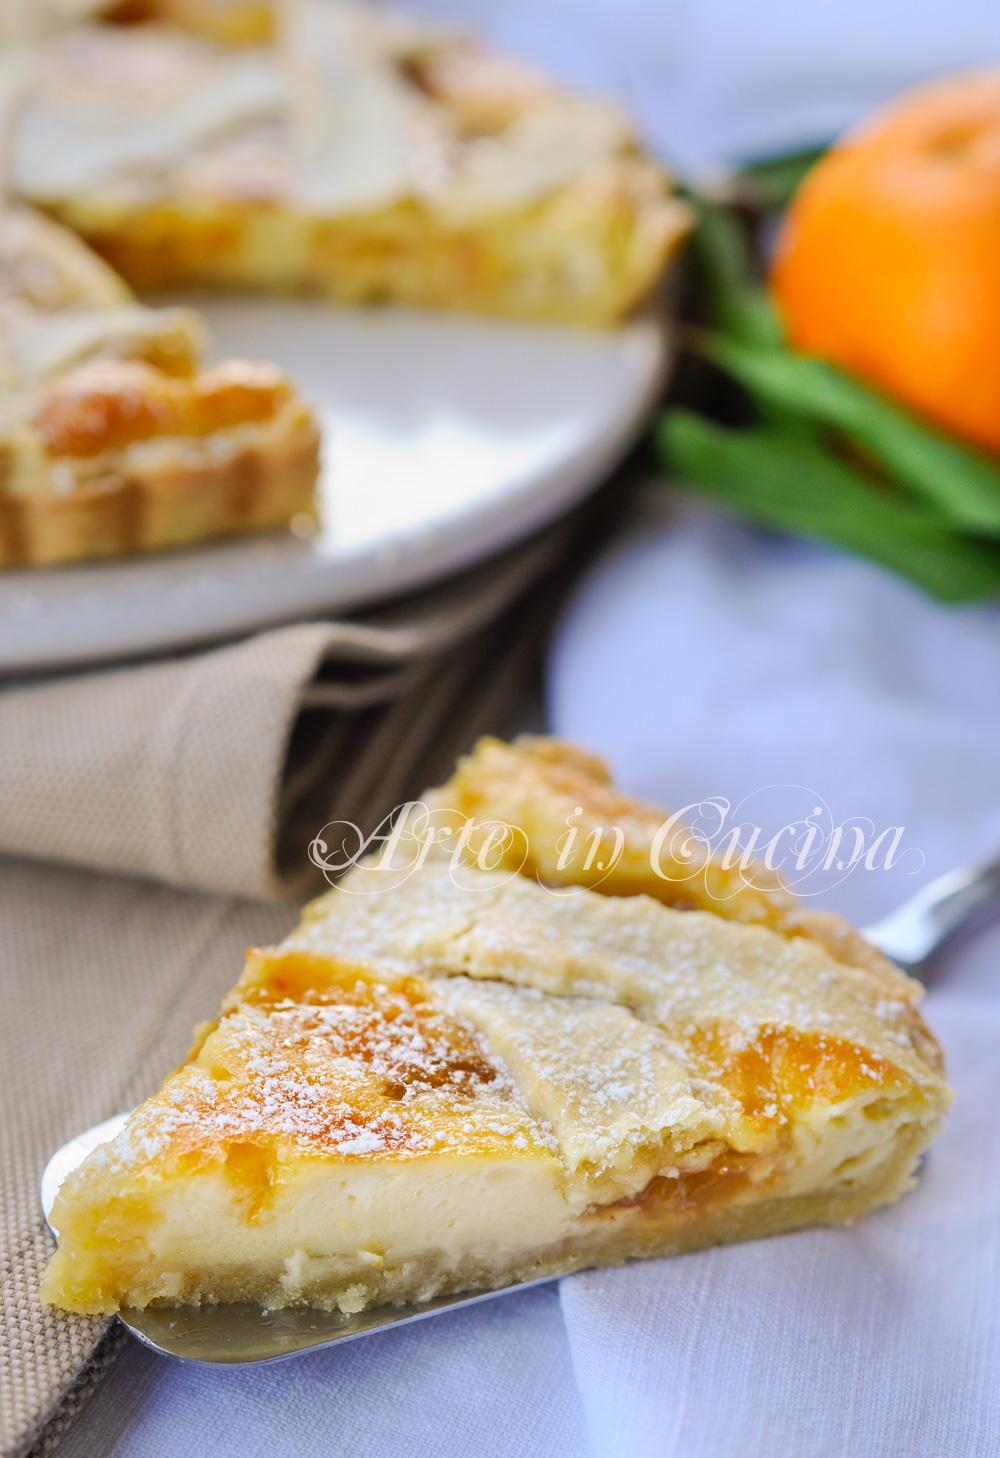 Torta con ricotta mascarpone e marmellata